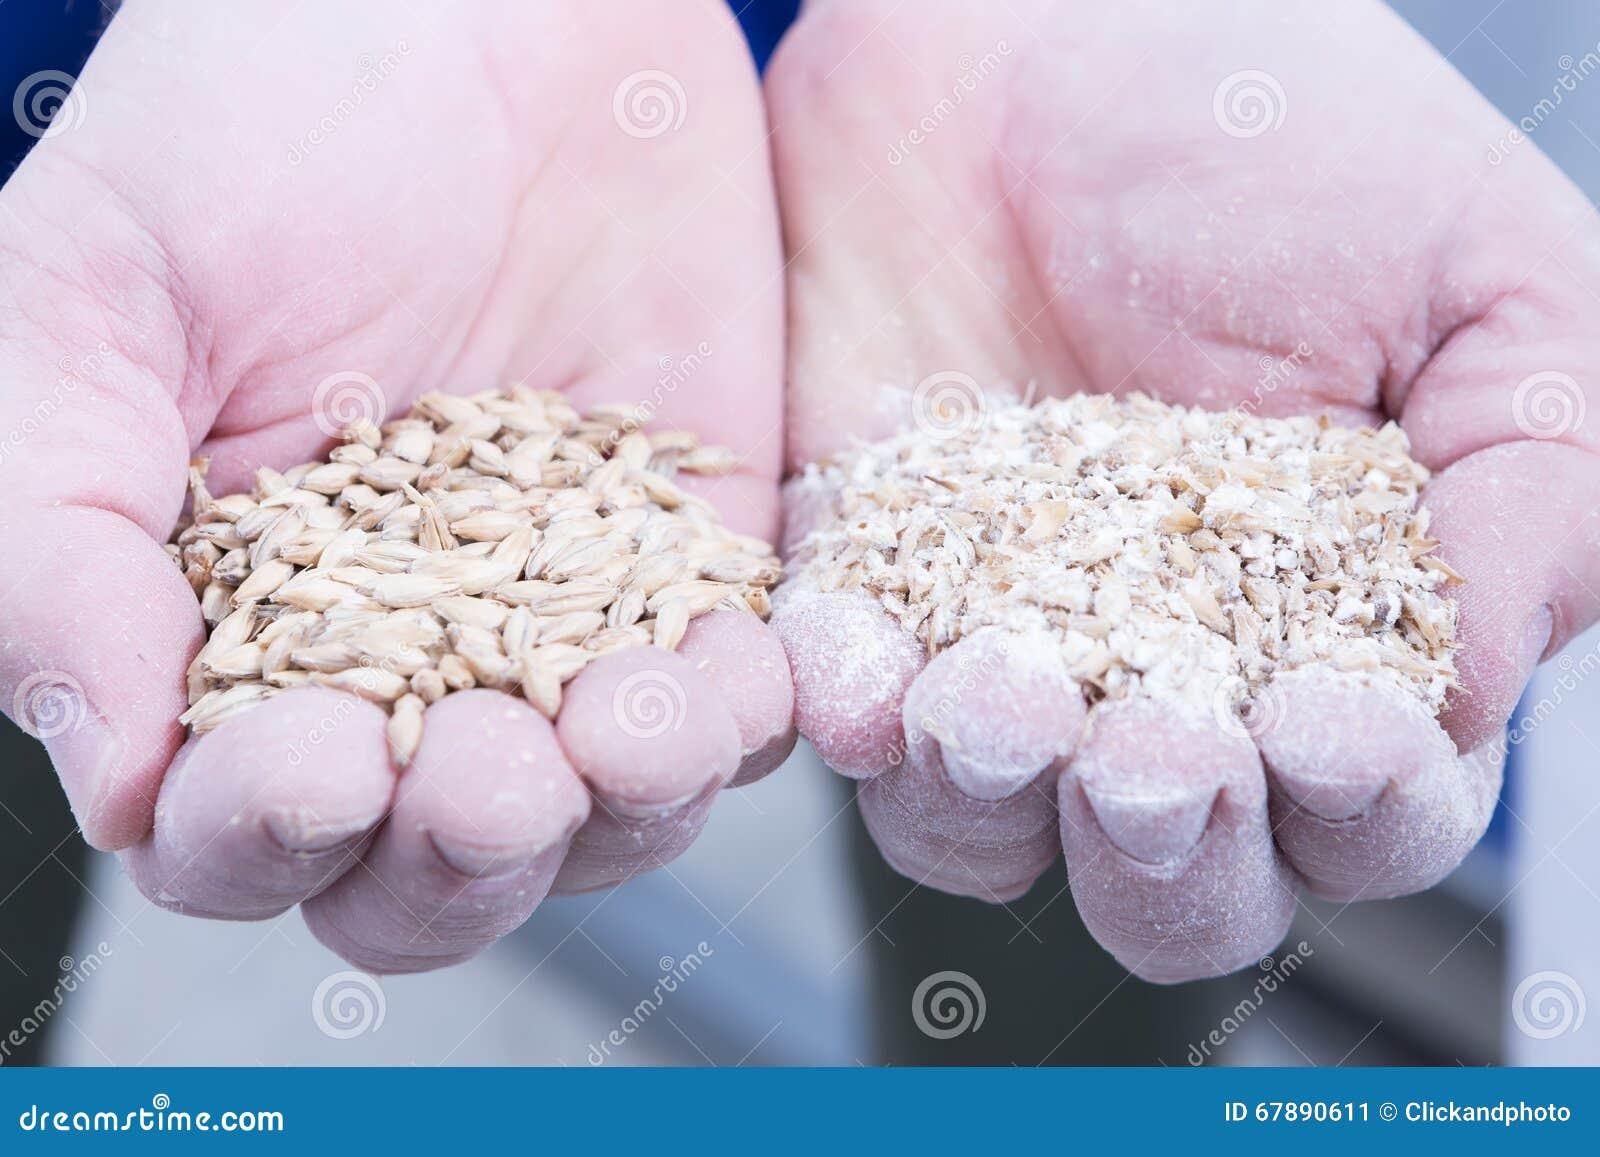 拿着极少数麦芽种子的人